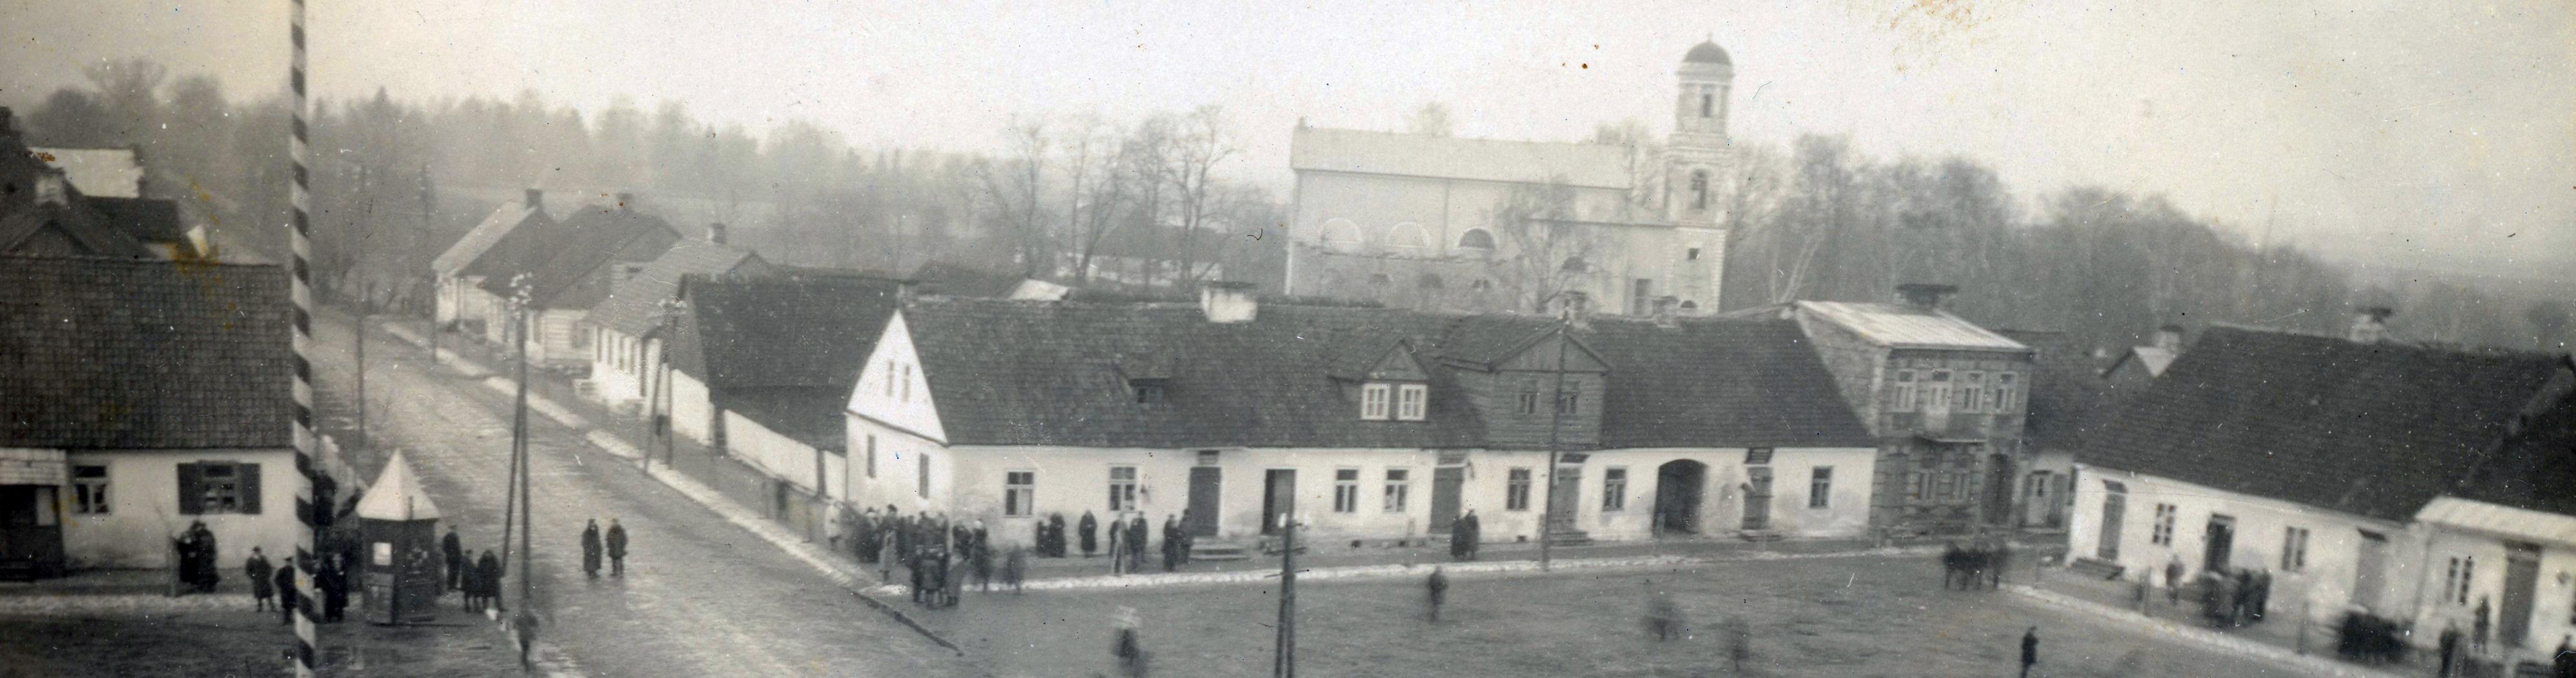 Podmioty działalności handlowej w Raczkach w latach 1920-1936